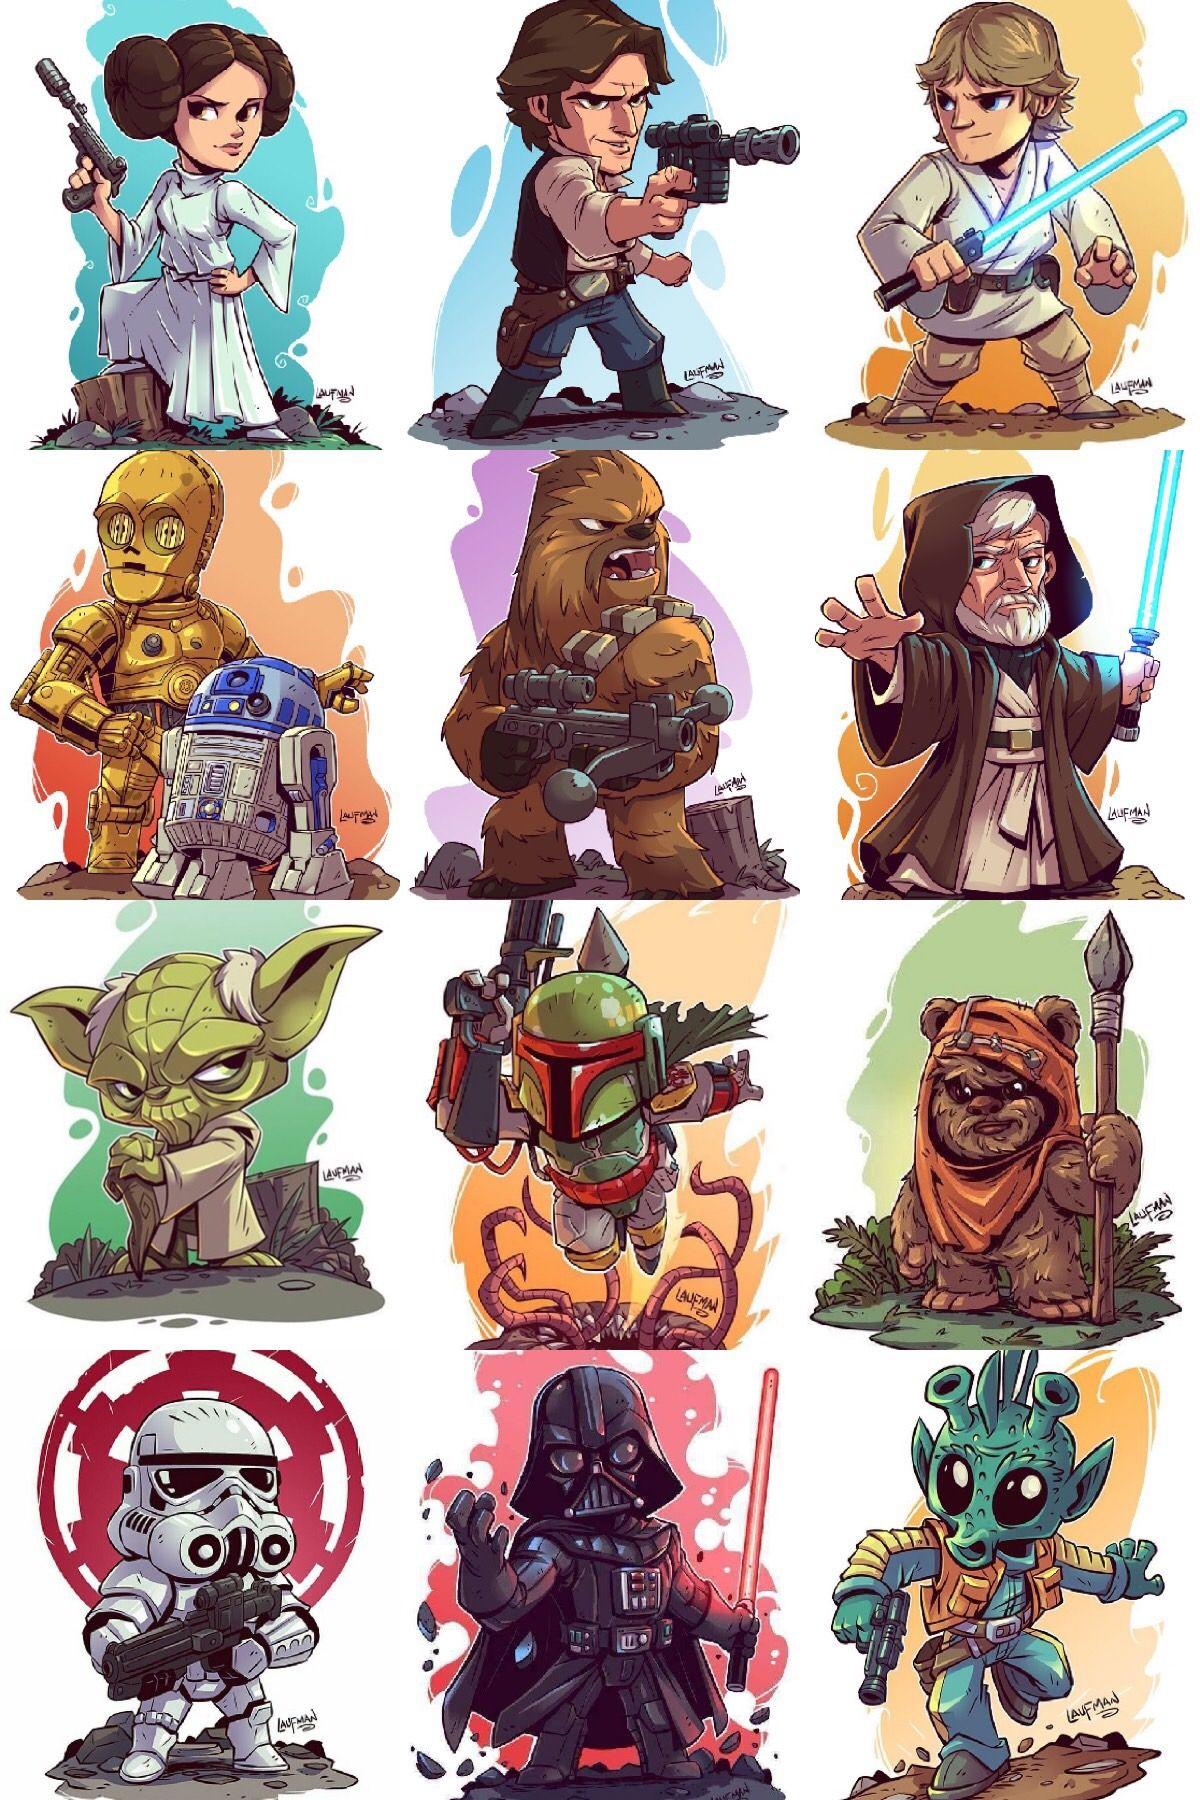 Laufman S Star Wars Star Wars Illustration Star Wars Cartoon Star Wars Drawings